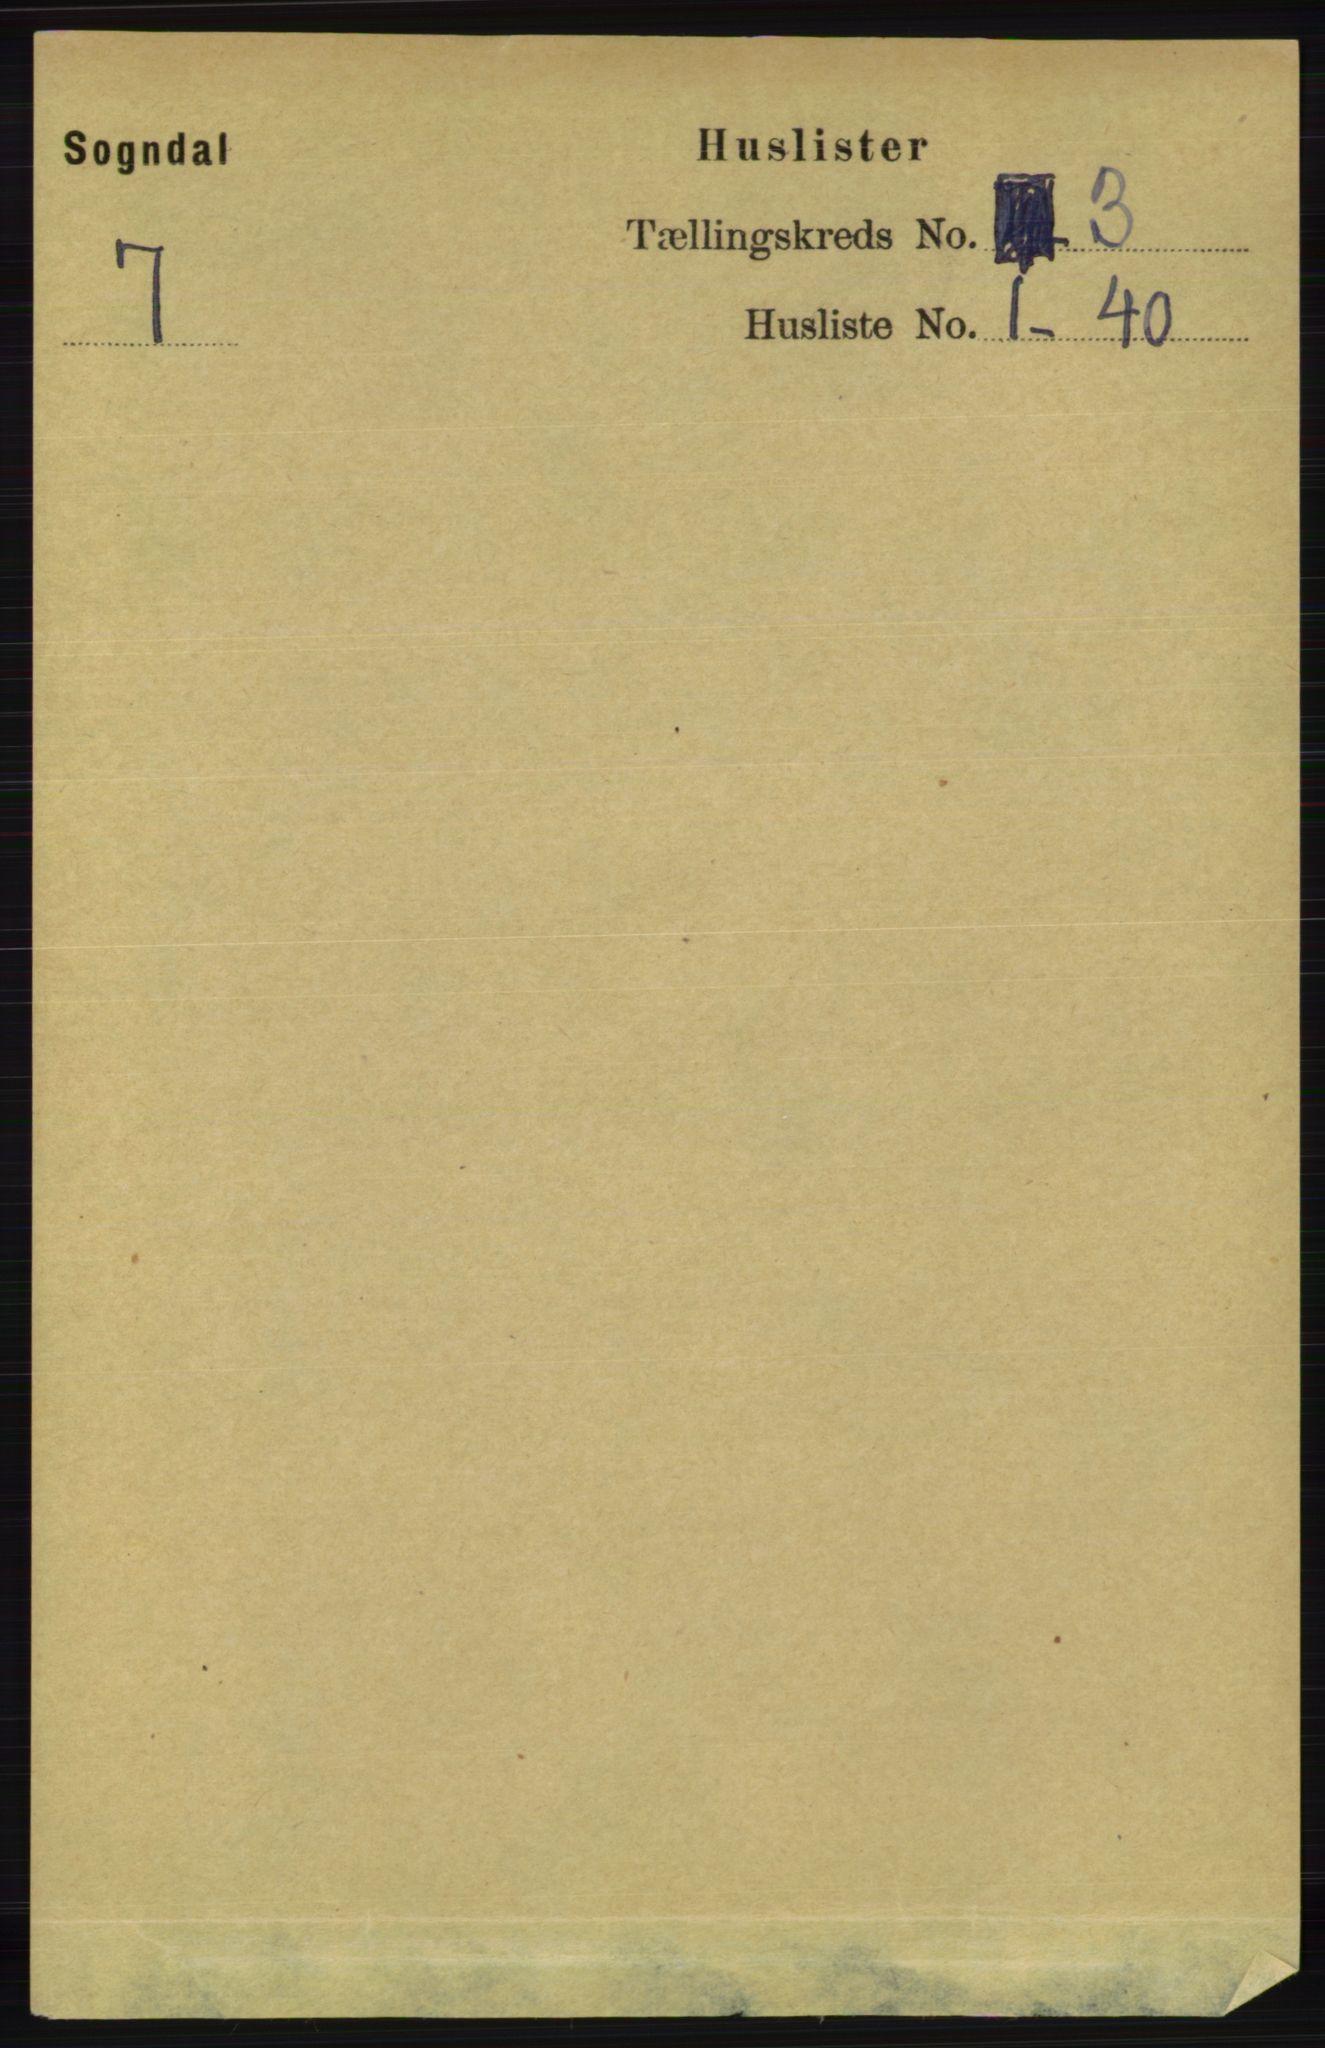 RA, Folketelling 1891 for 1111 Sokndal herred, 1891, s. 670